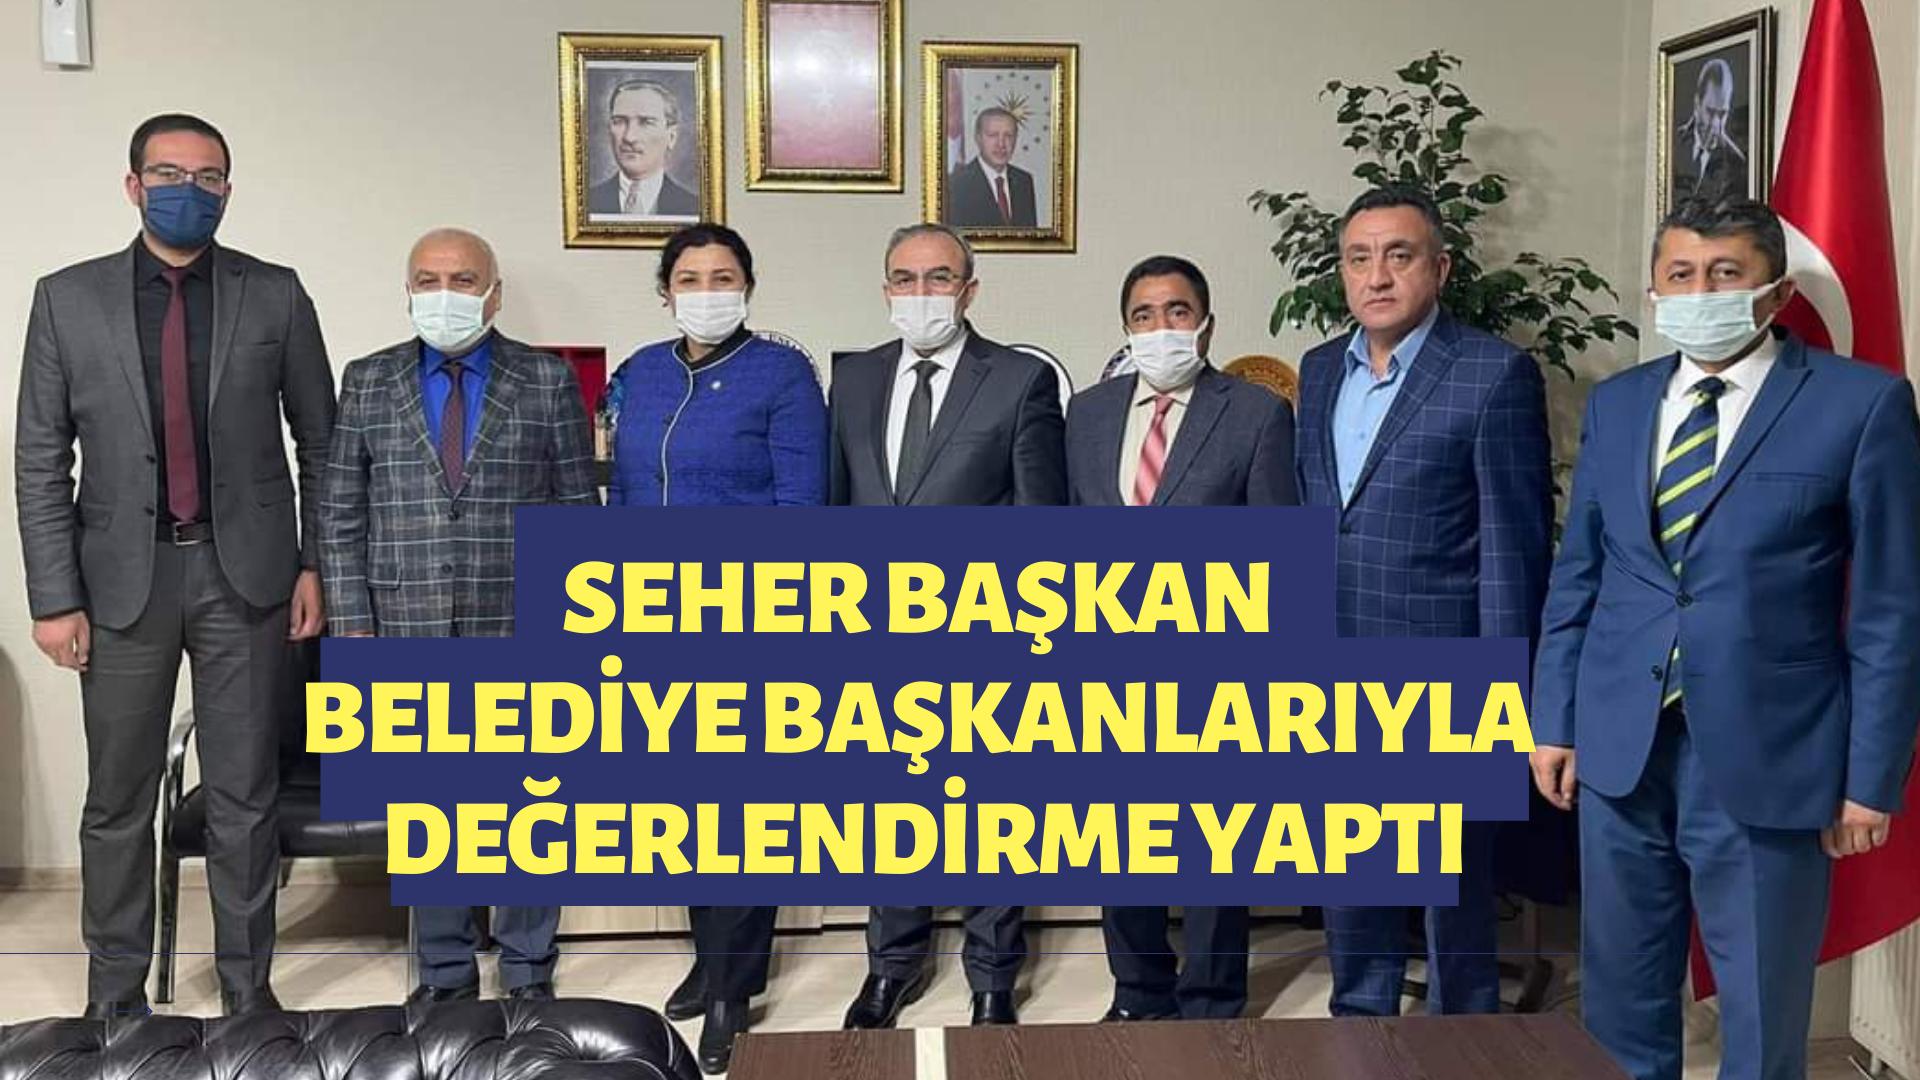 Seher Başkan Belediye Başkanlarıyla toplantı yaptı